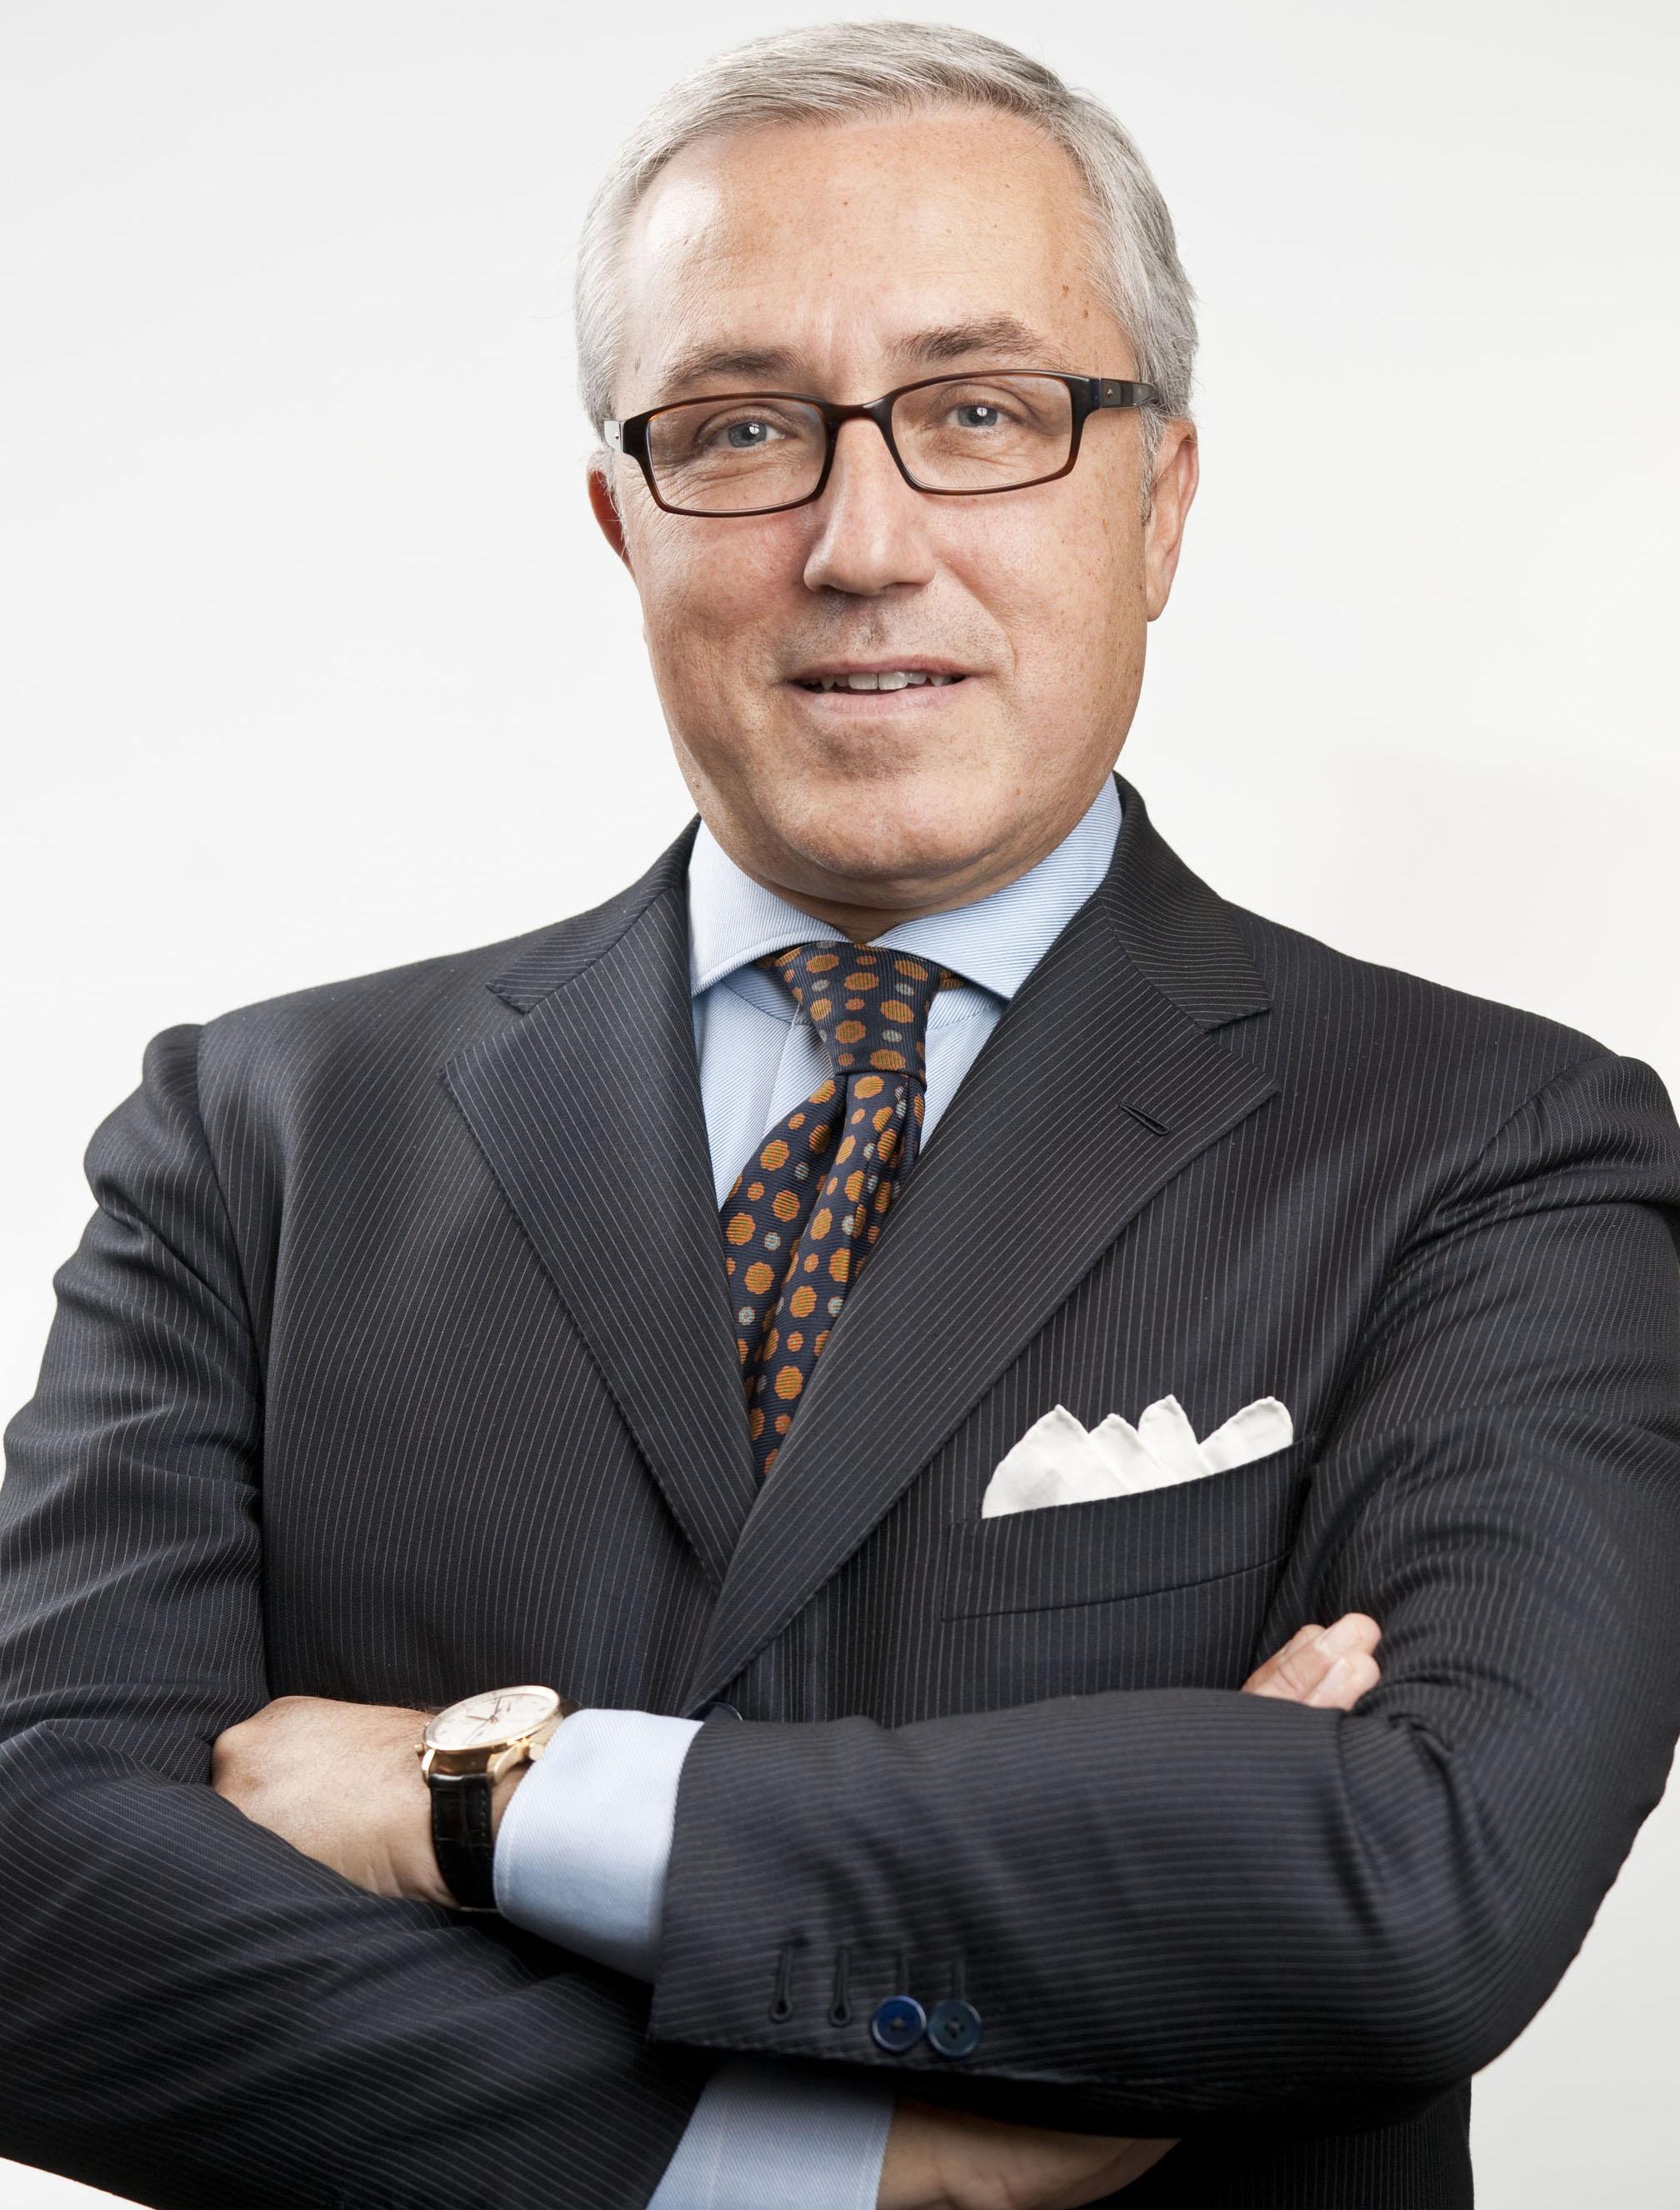 Fabio Benasso, Presidente e AD di Accenture Italia